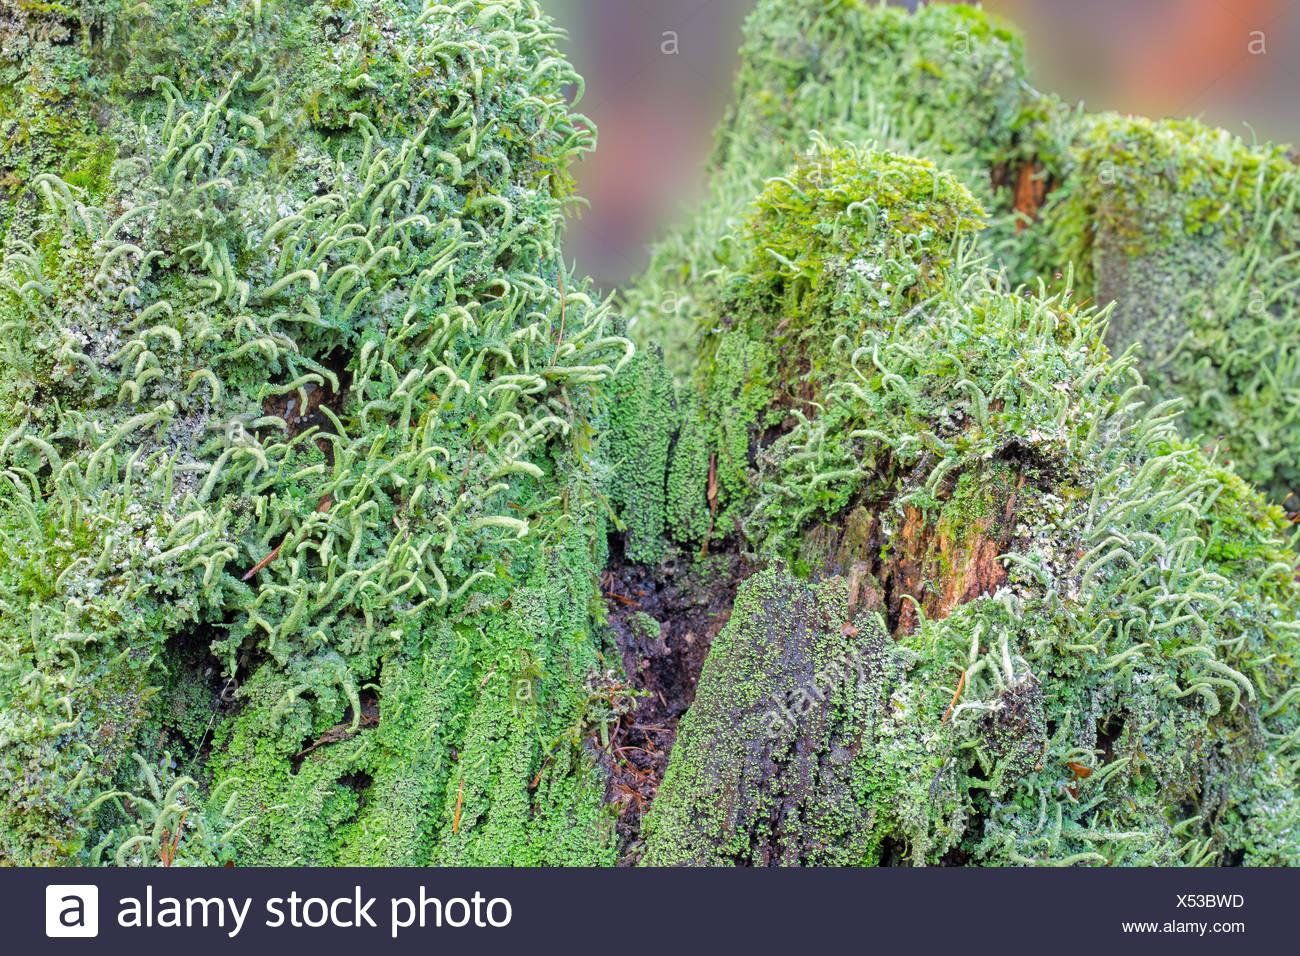 ordinary column lichen on deadwood - Stock Image